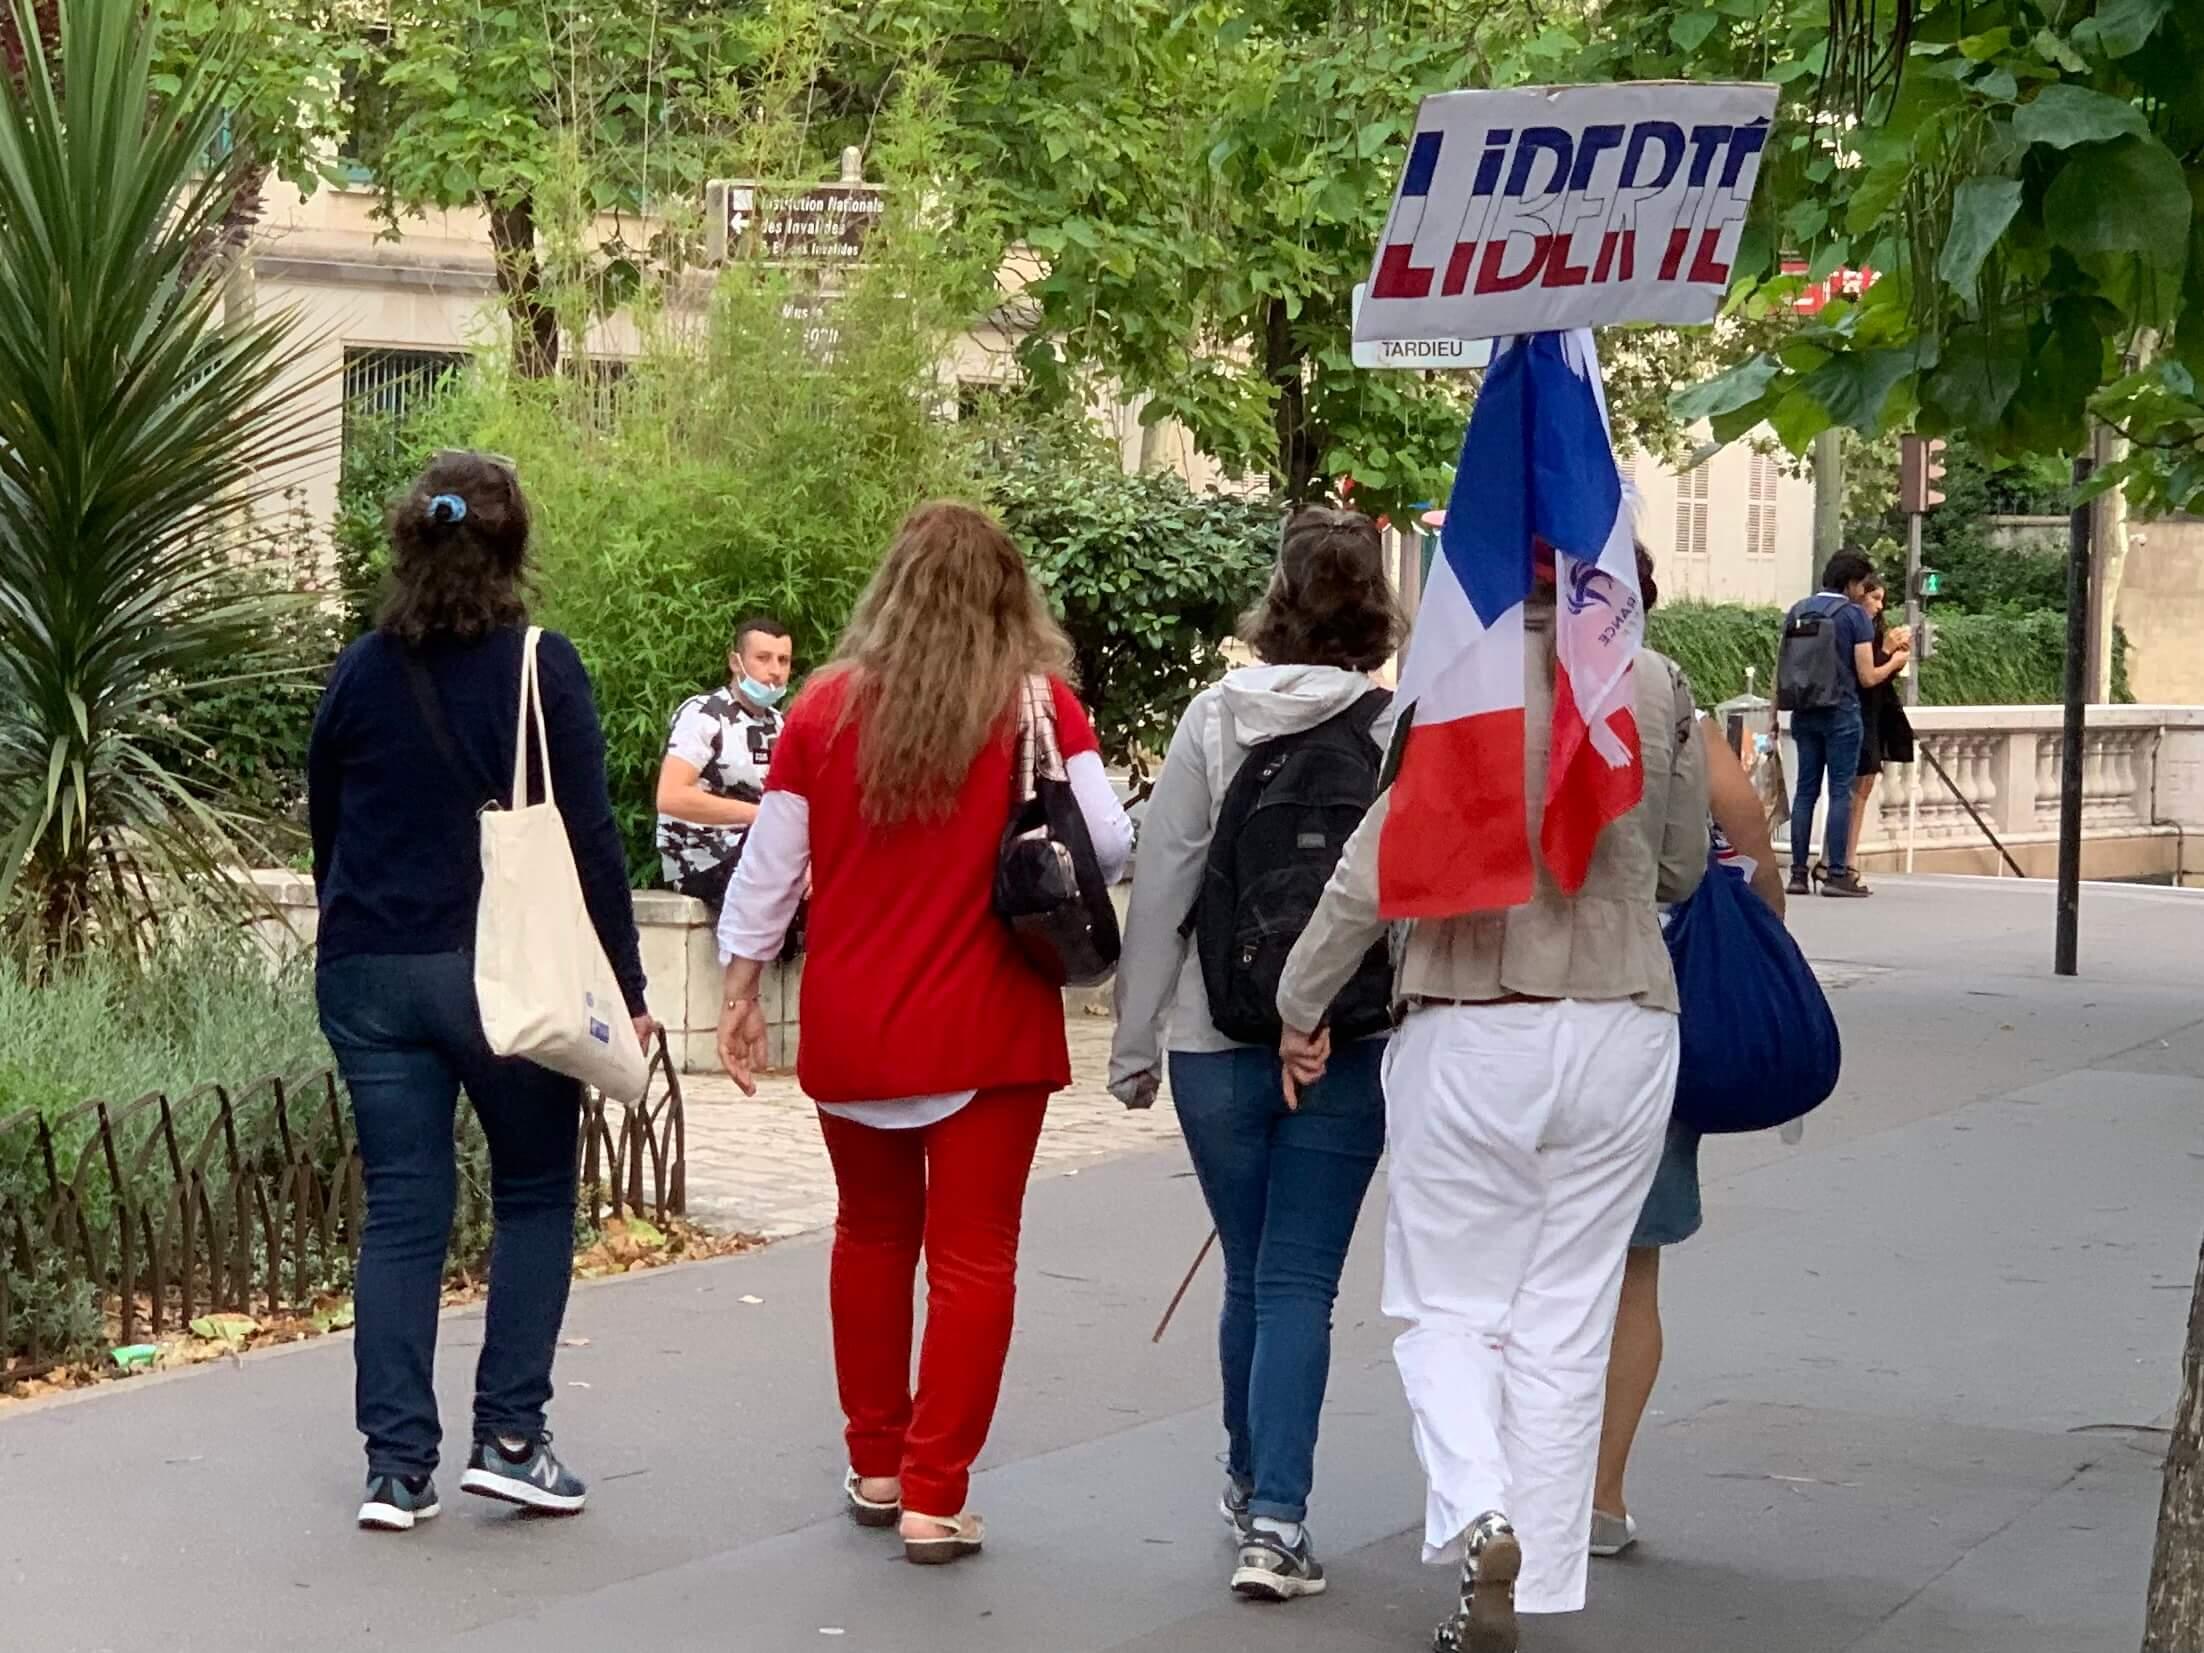 パリ最新情報「大統領がインスタとTikTokで若者に質問募る」